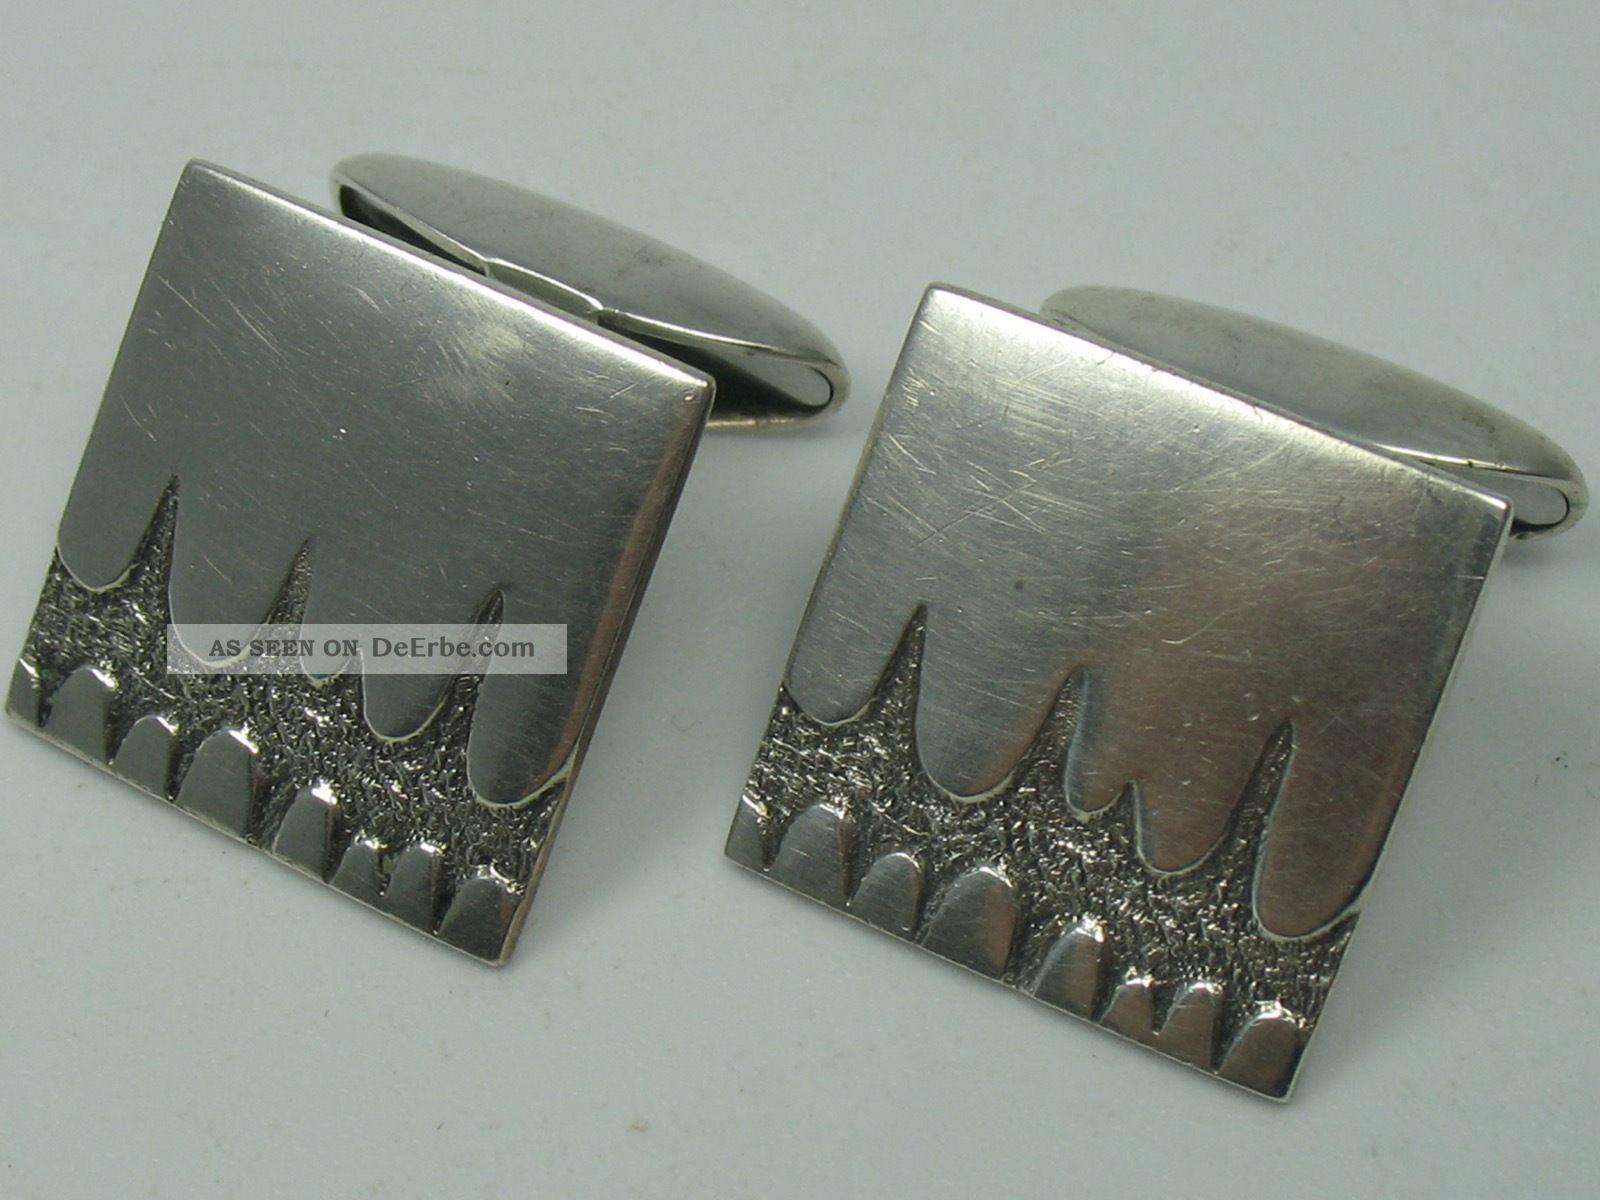 Skandinavien Klasse 60er 70er Jahre Designer Manschettenknöpfe Aus 830 Silber Schmuck & Accessoires Bild